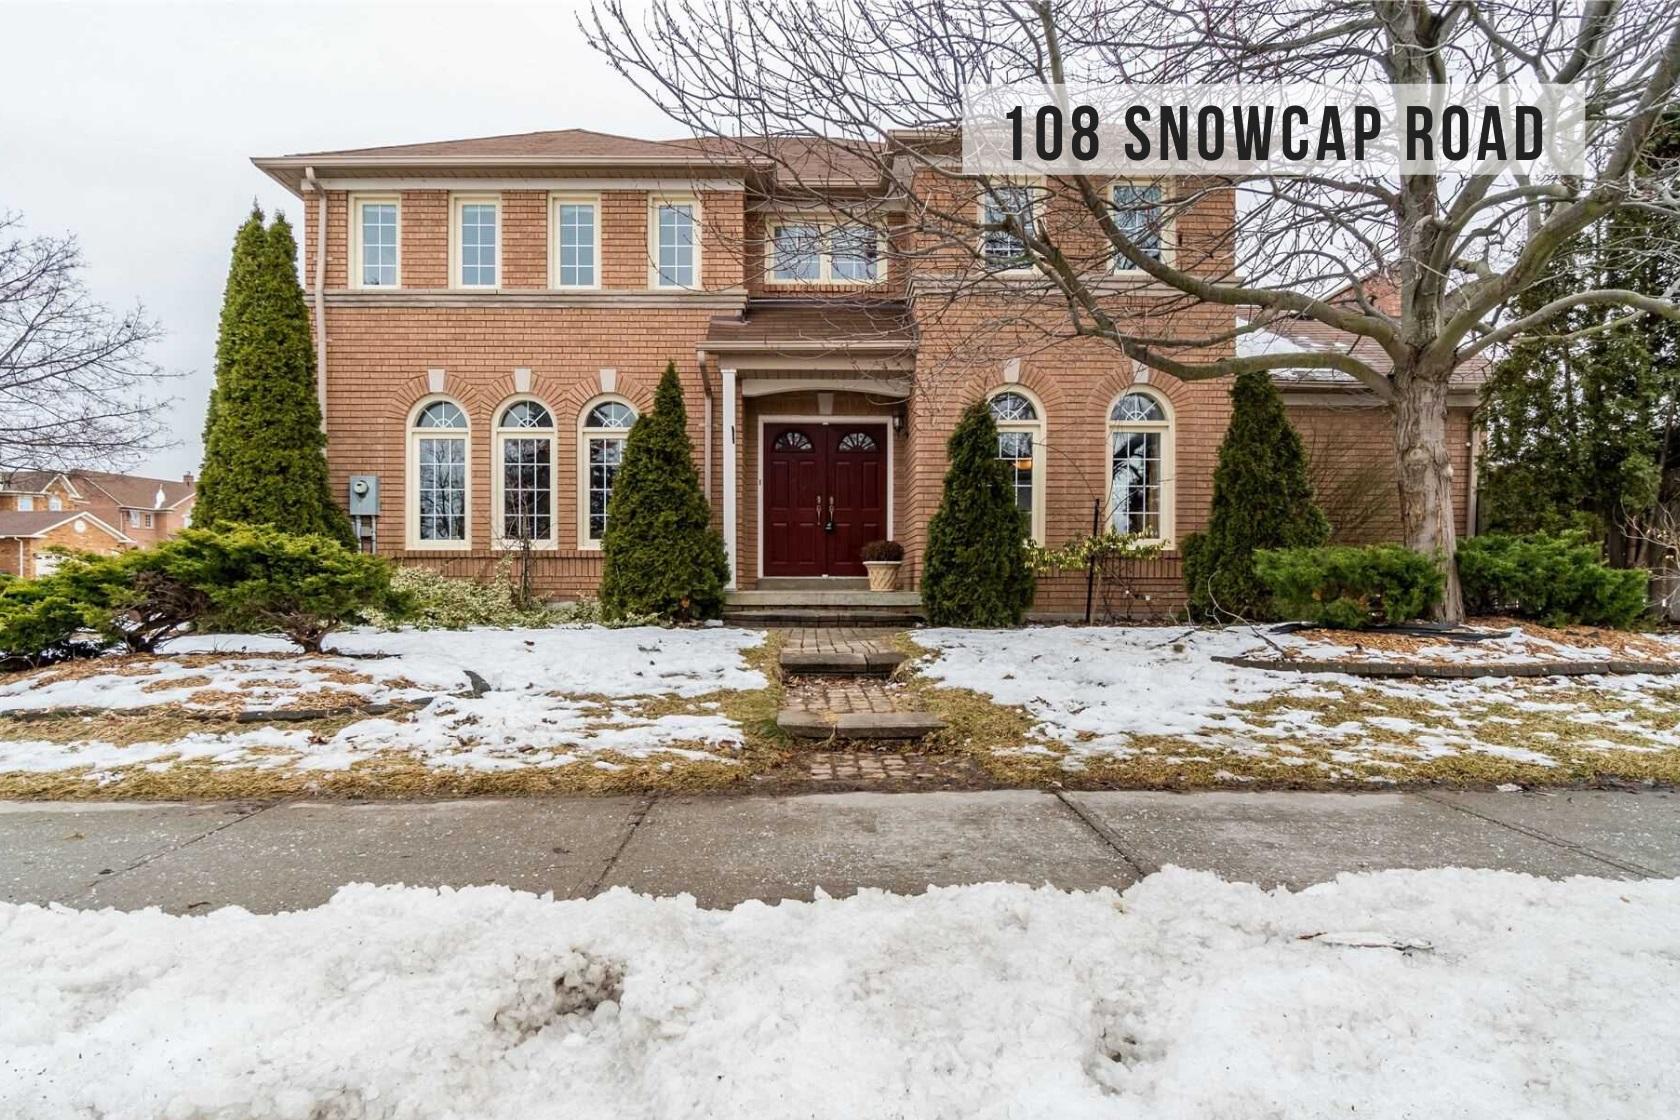 $989,000 • 108 Snowcap Rd